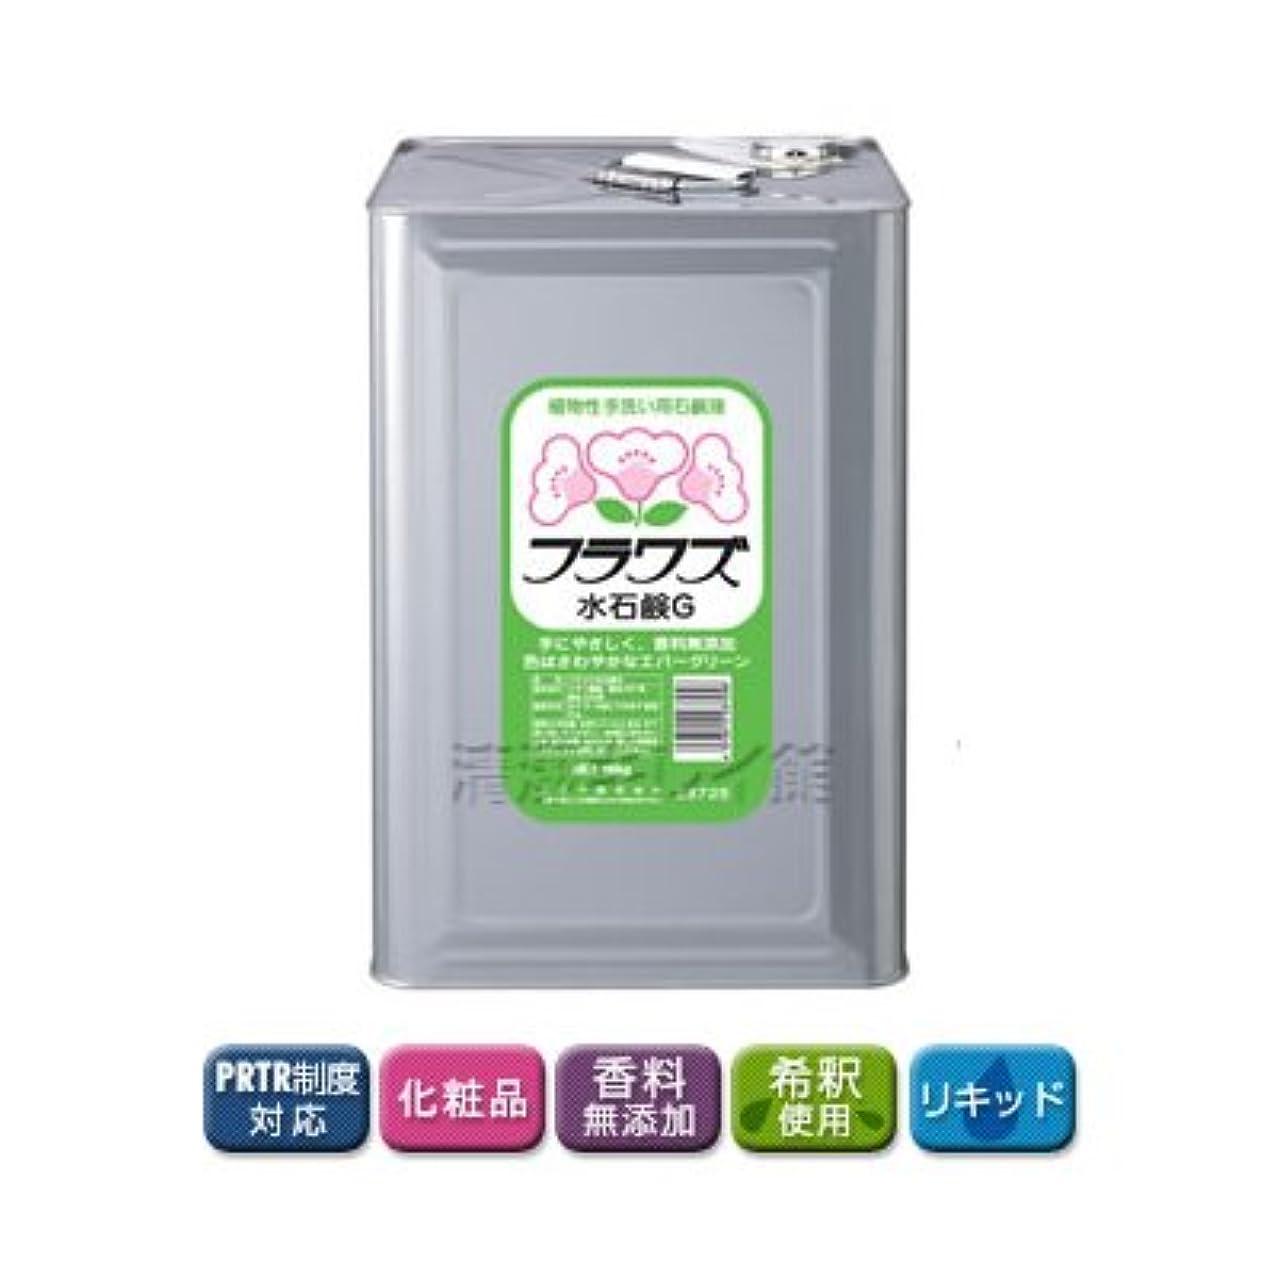 レンチ規定オーナメント【清潔キレイ館】サラヤ フラワズ水石鹸液G(18L)